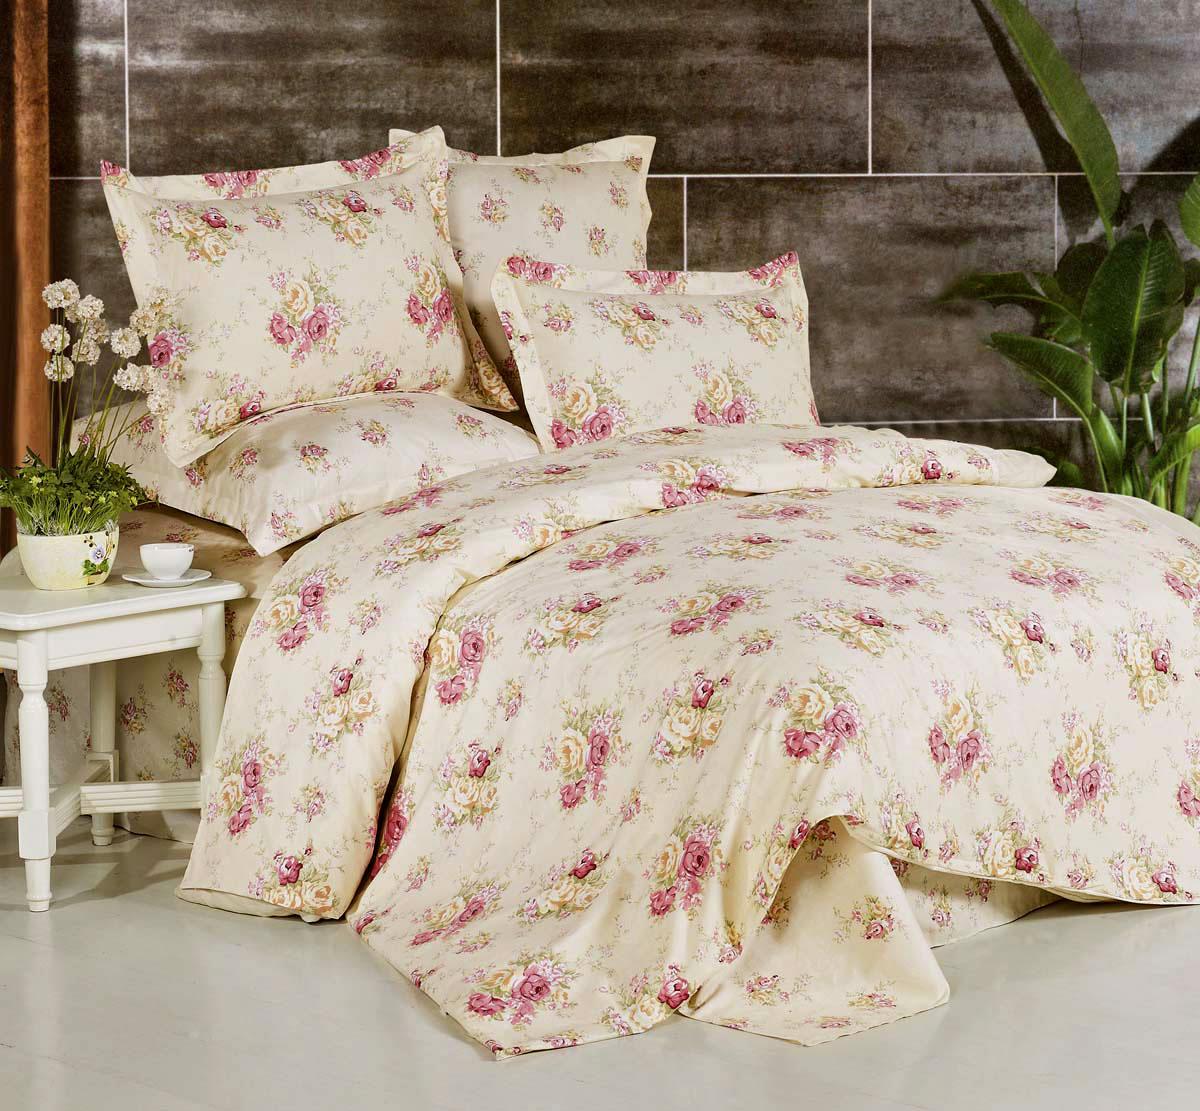 Комплект постельного белья СайлиД Amy, 1,5-спальный, наволочки 70x70, цвет: желтый, кремовый